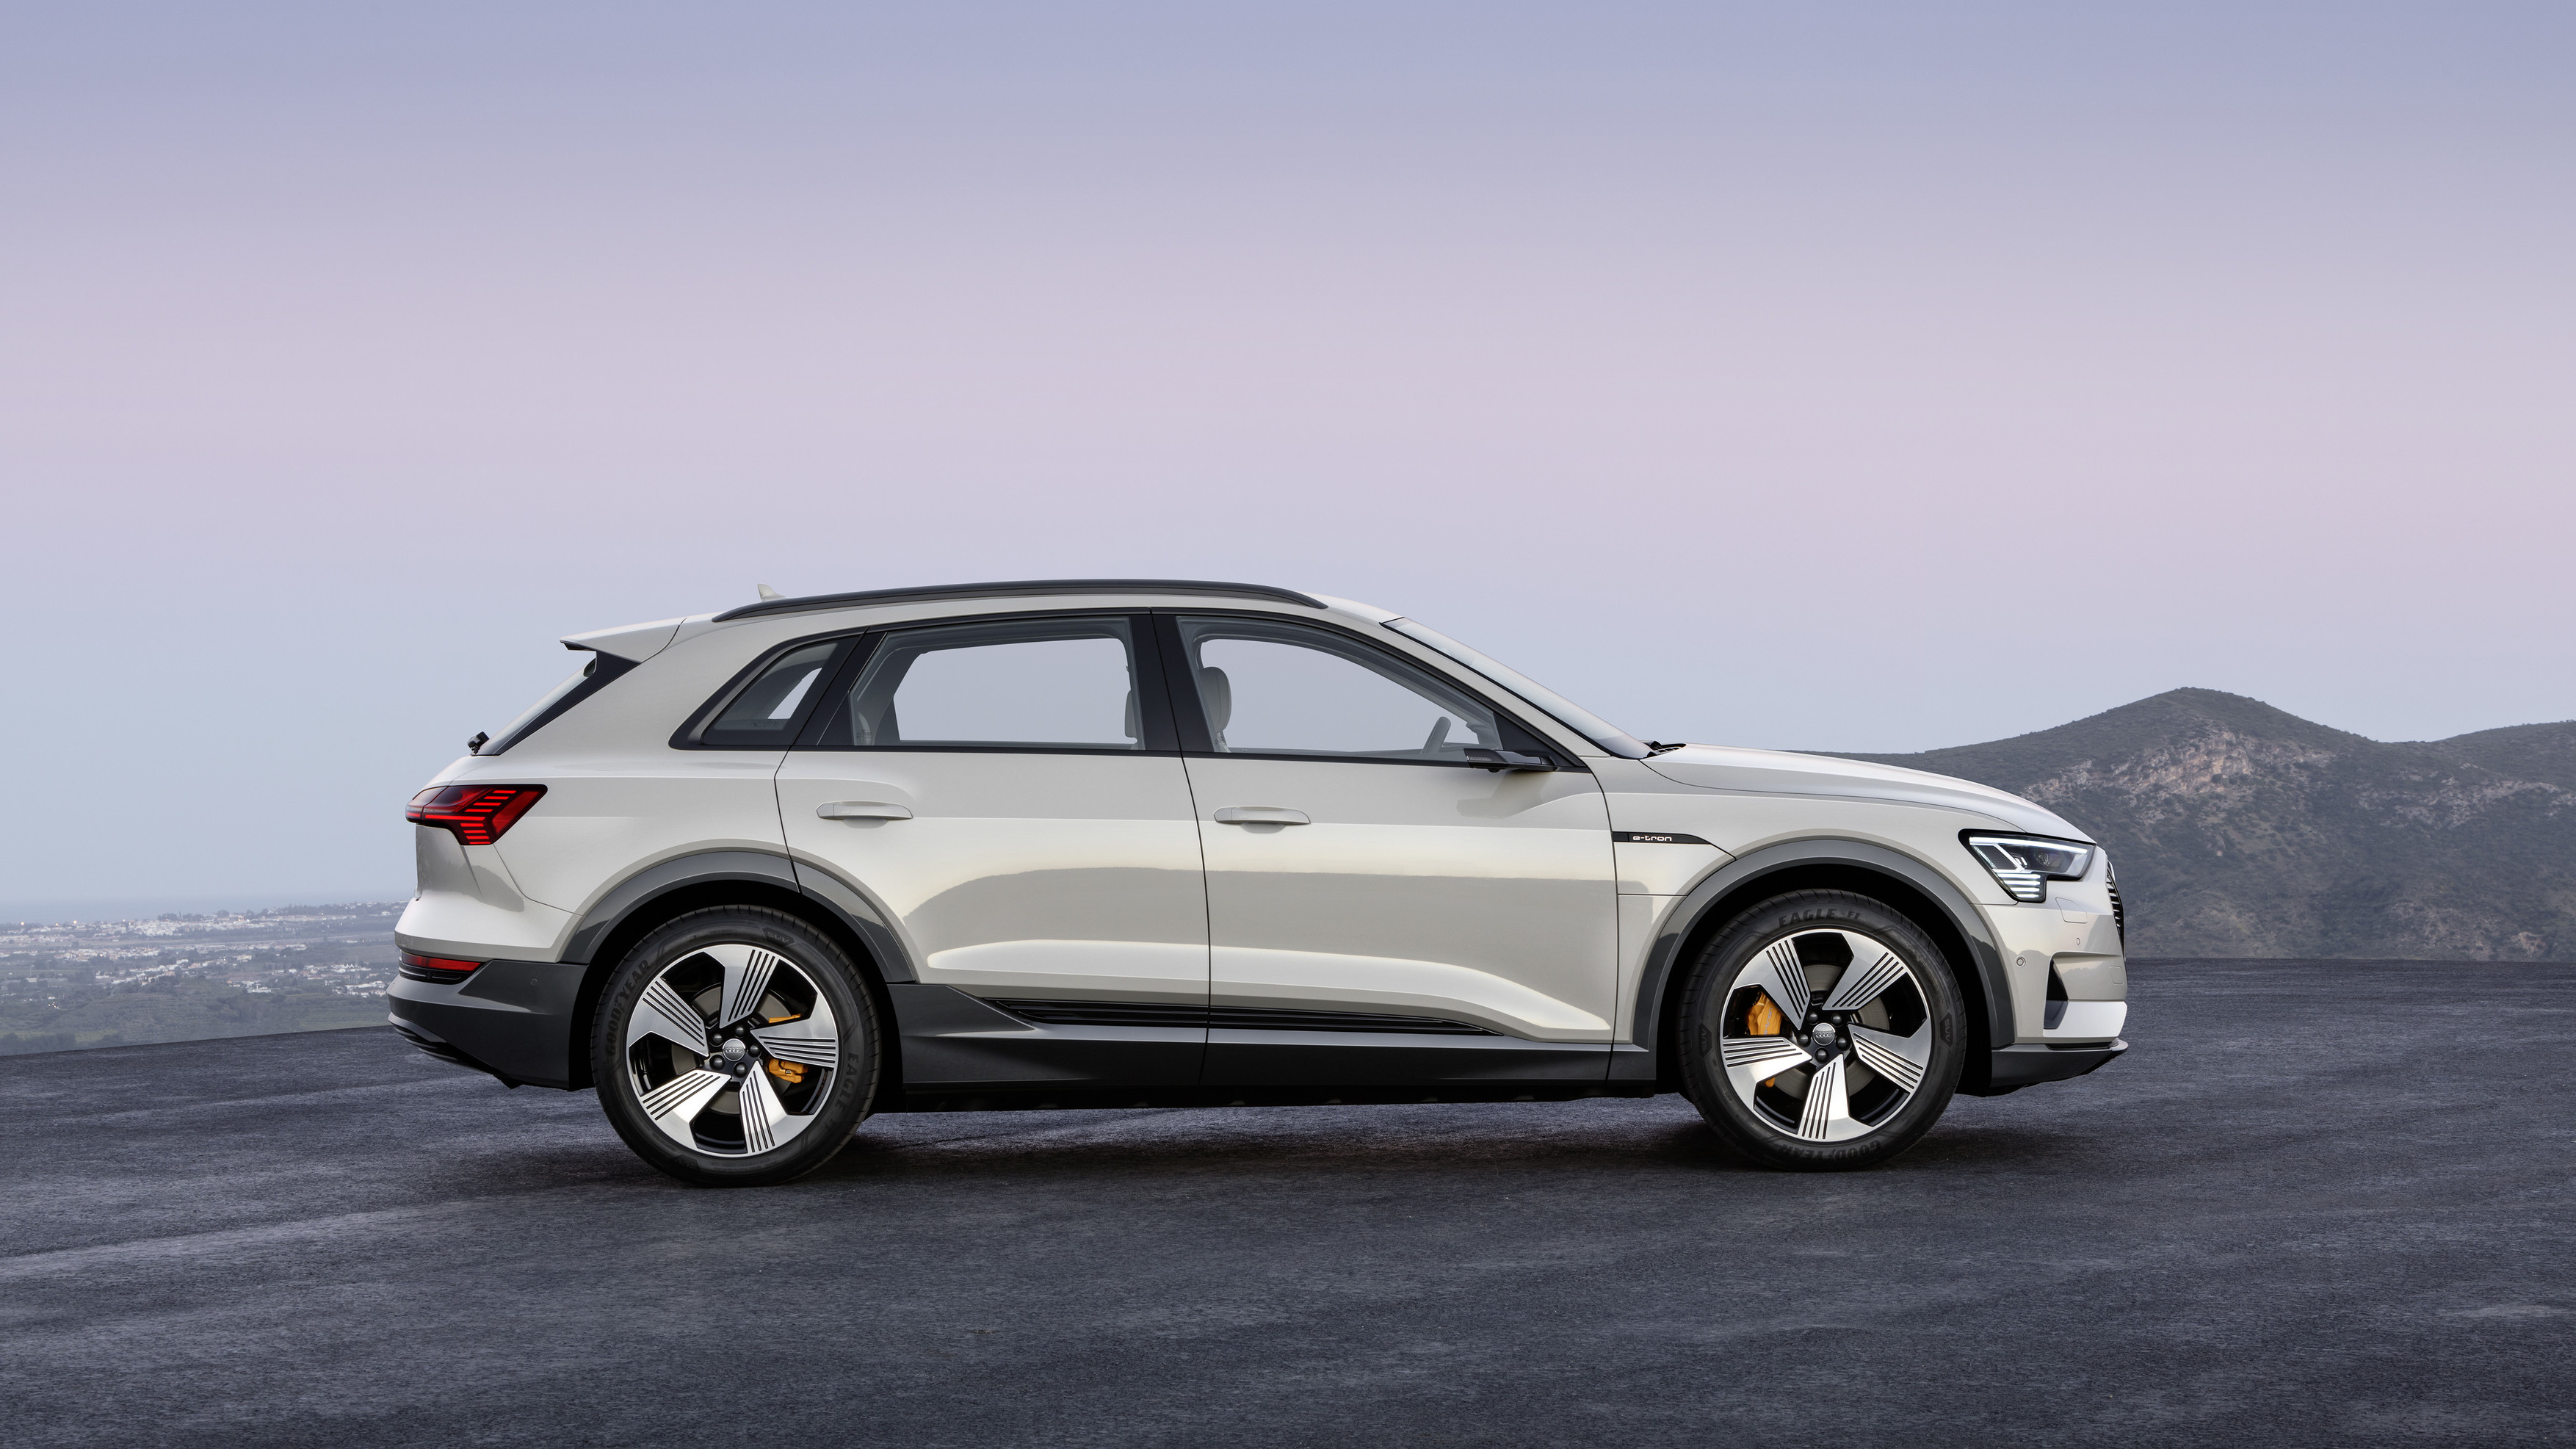 Linea Audi e-tron